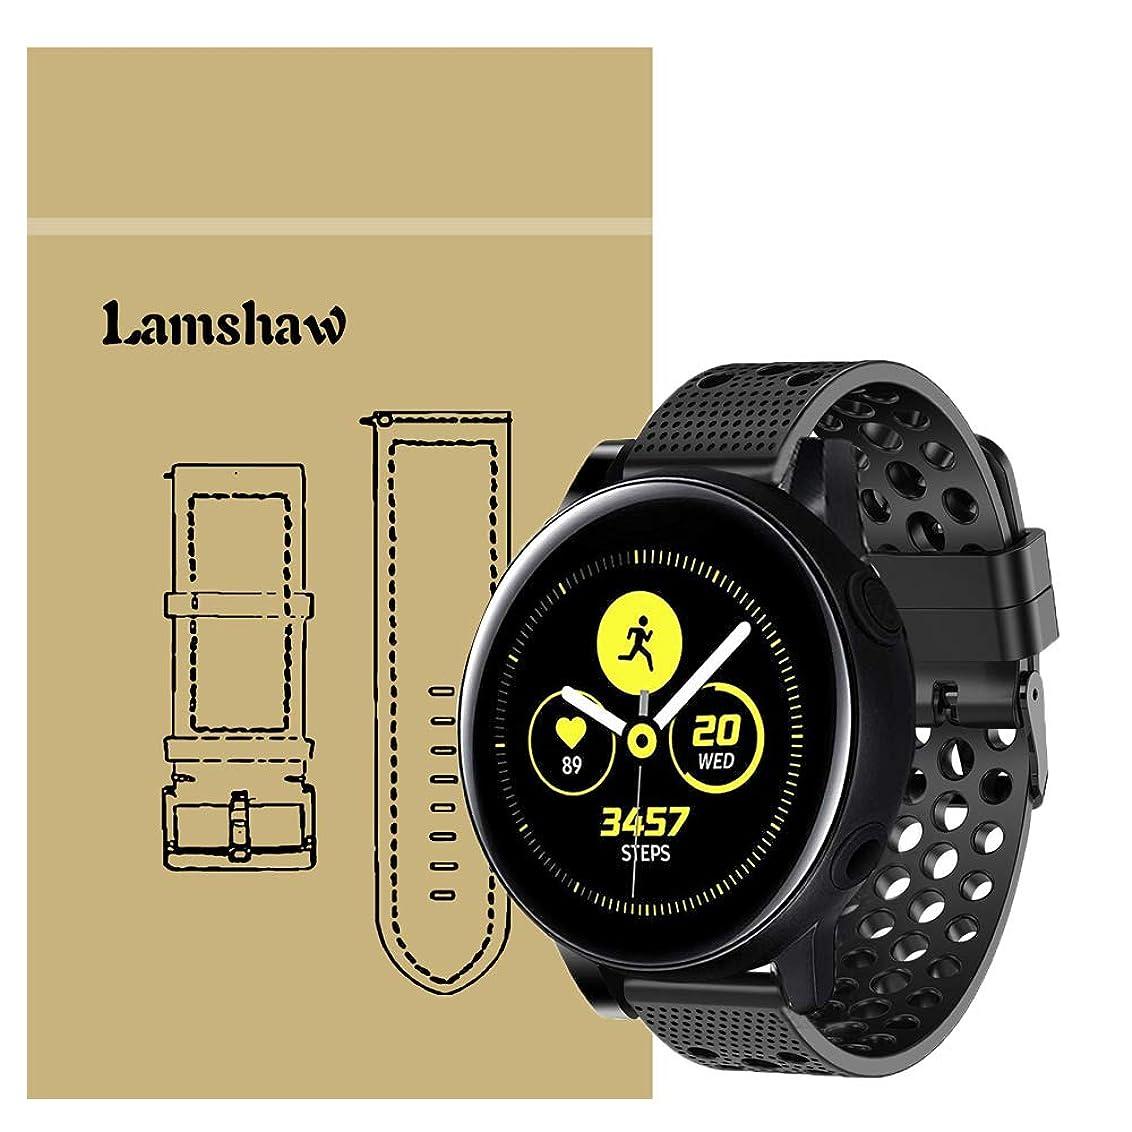 超高層ビル悲鳴体操選手Lamshaw Galaxy Watch Active バンド, スポーツ シリコン 交換バンド ベルト 対応 Samsung Galaxy Watch Active (40mm) 腕時計 スマートウォッチ (ブラック)